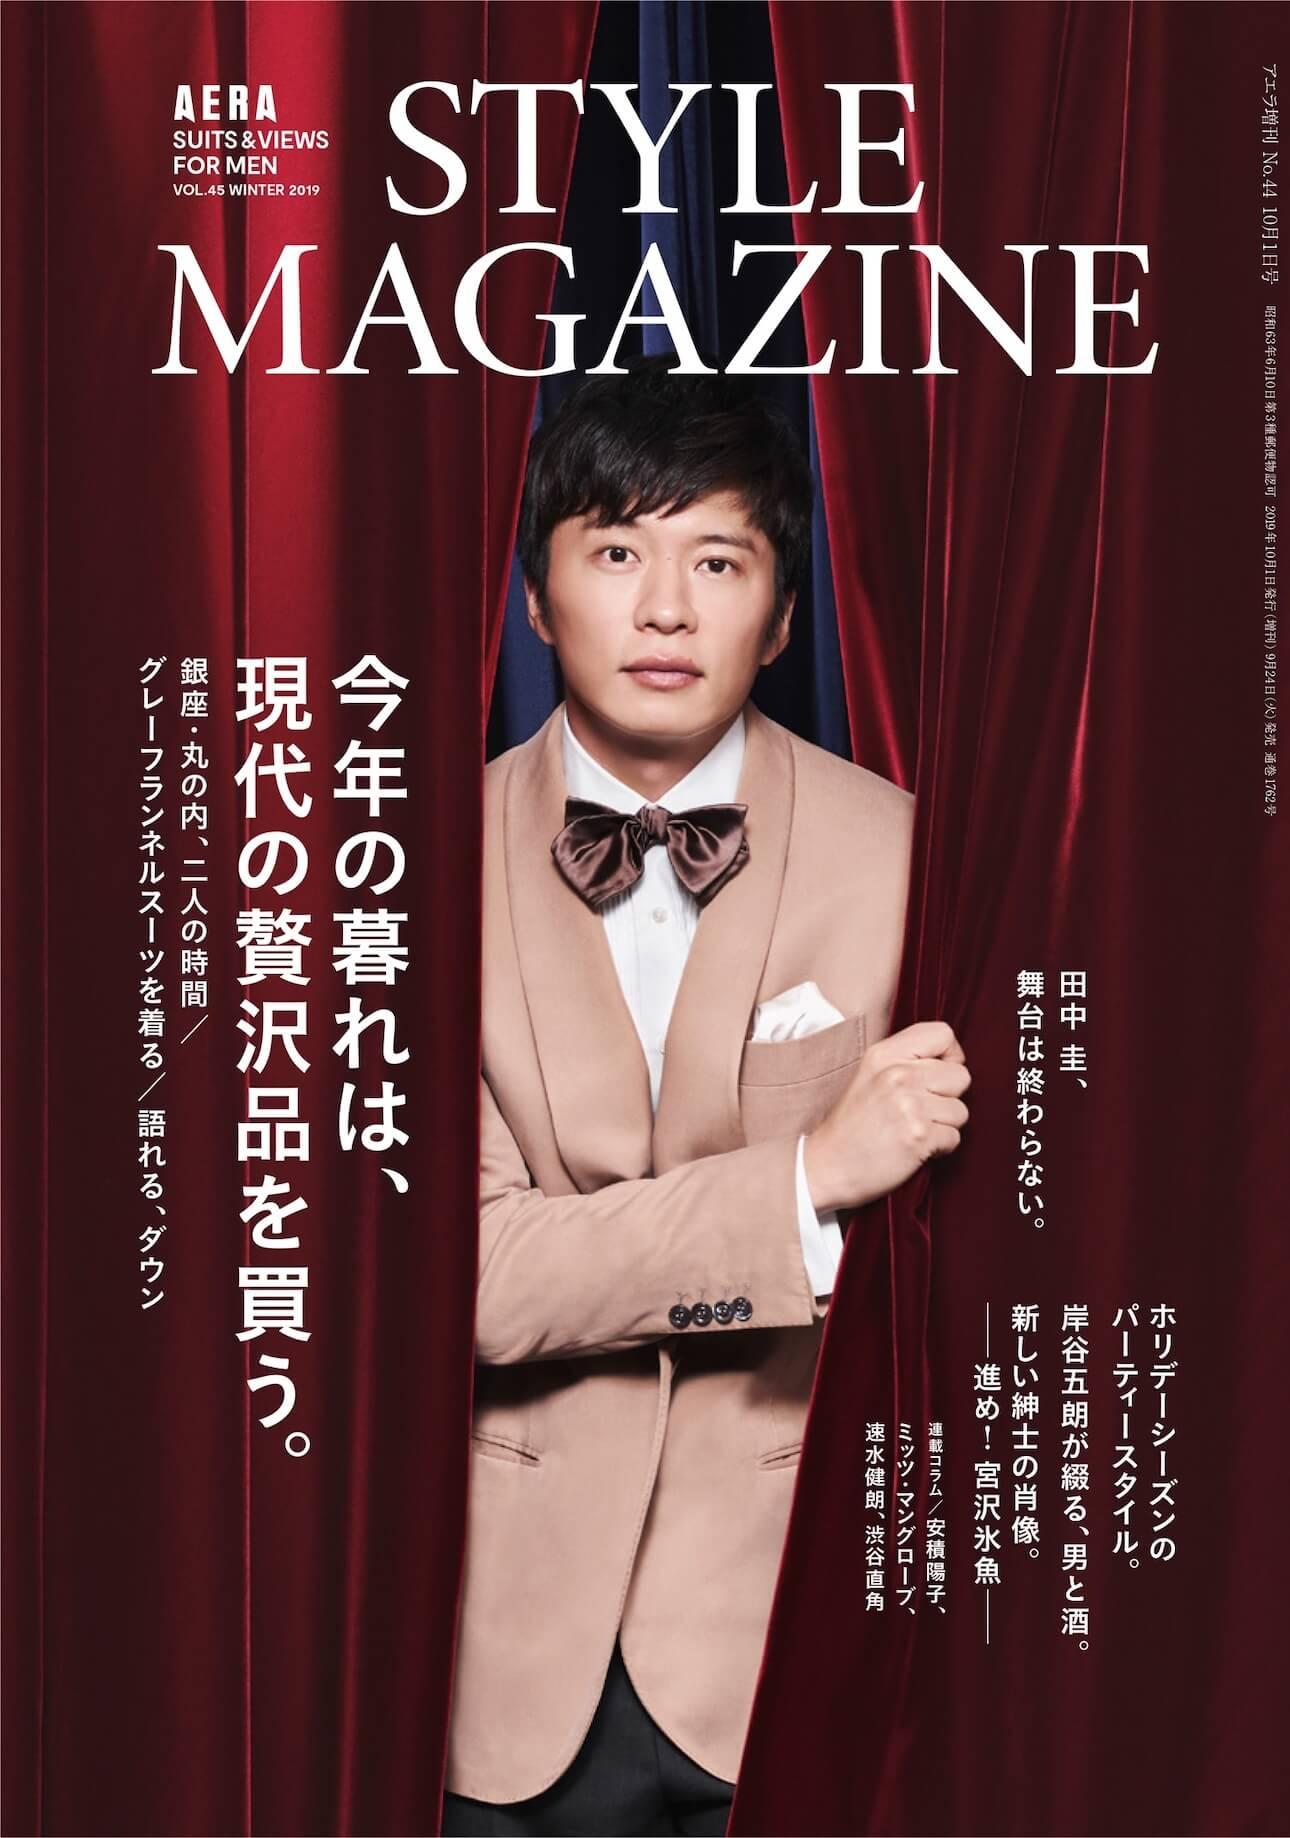 田中圭、AERA6号連続表紙がついにラスト!『おっさんずラブ』から夫婦のことまで語る ArtCulture191108_aera_main